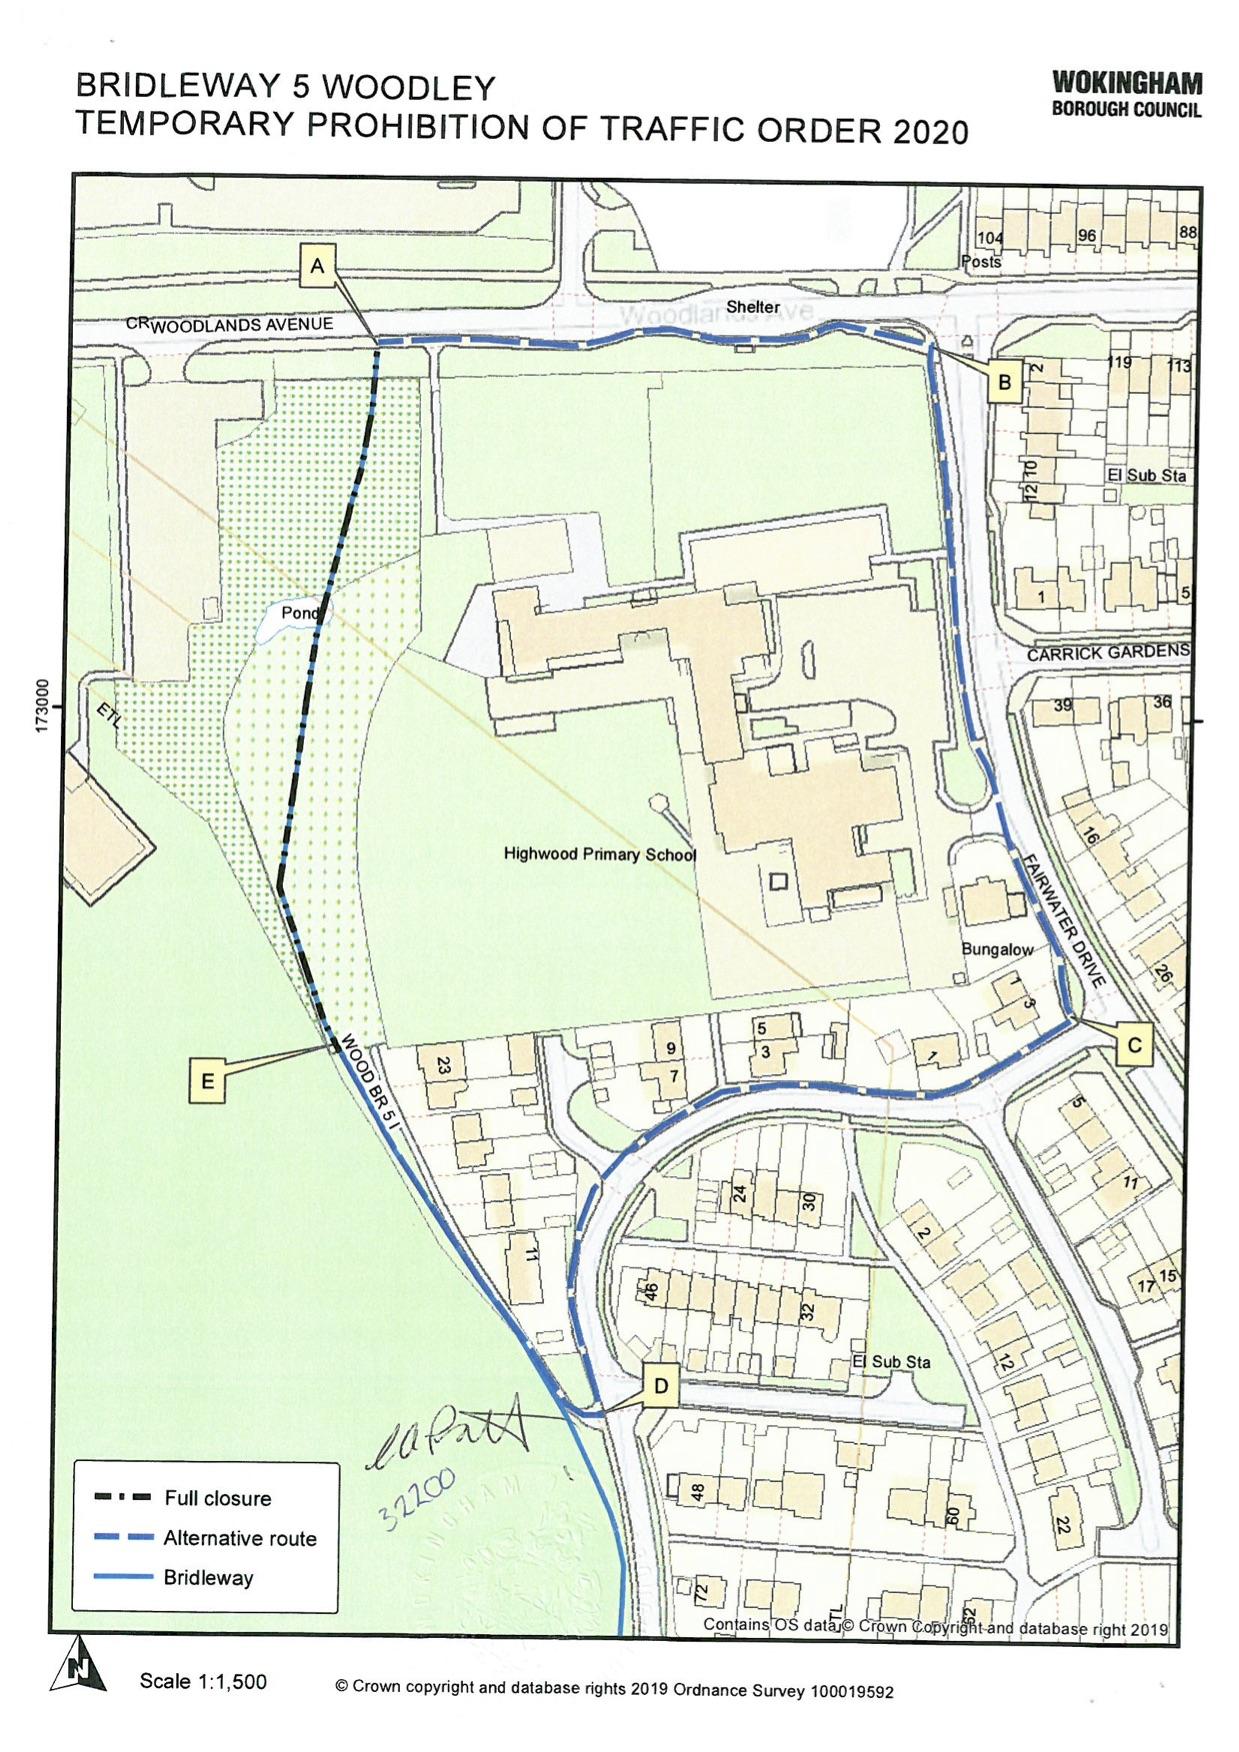 Bridleway closure in WOodley